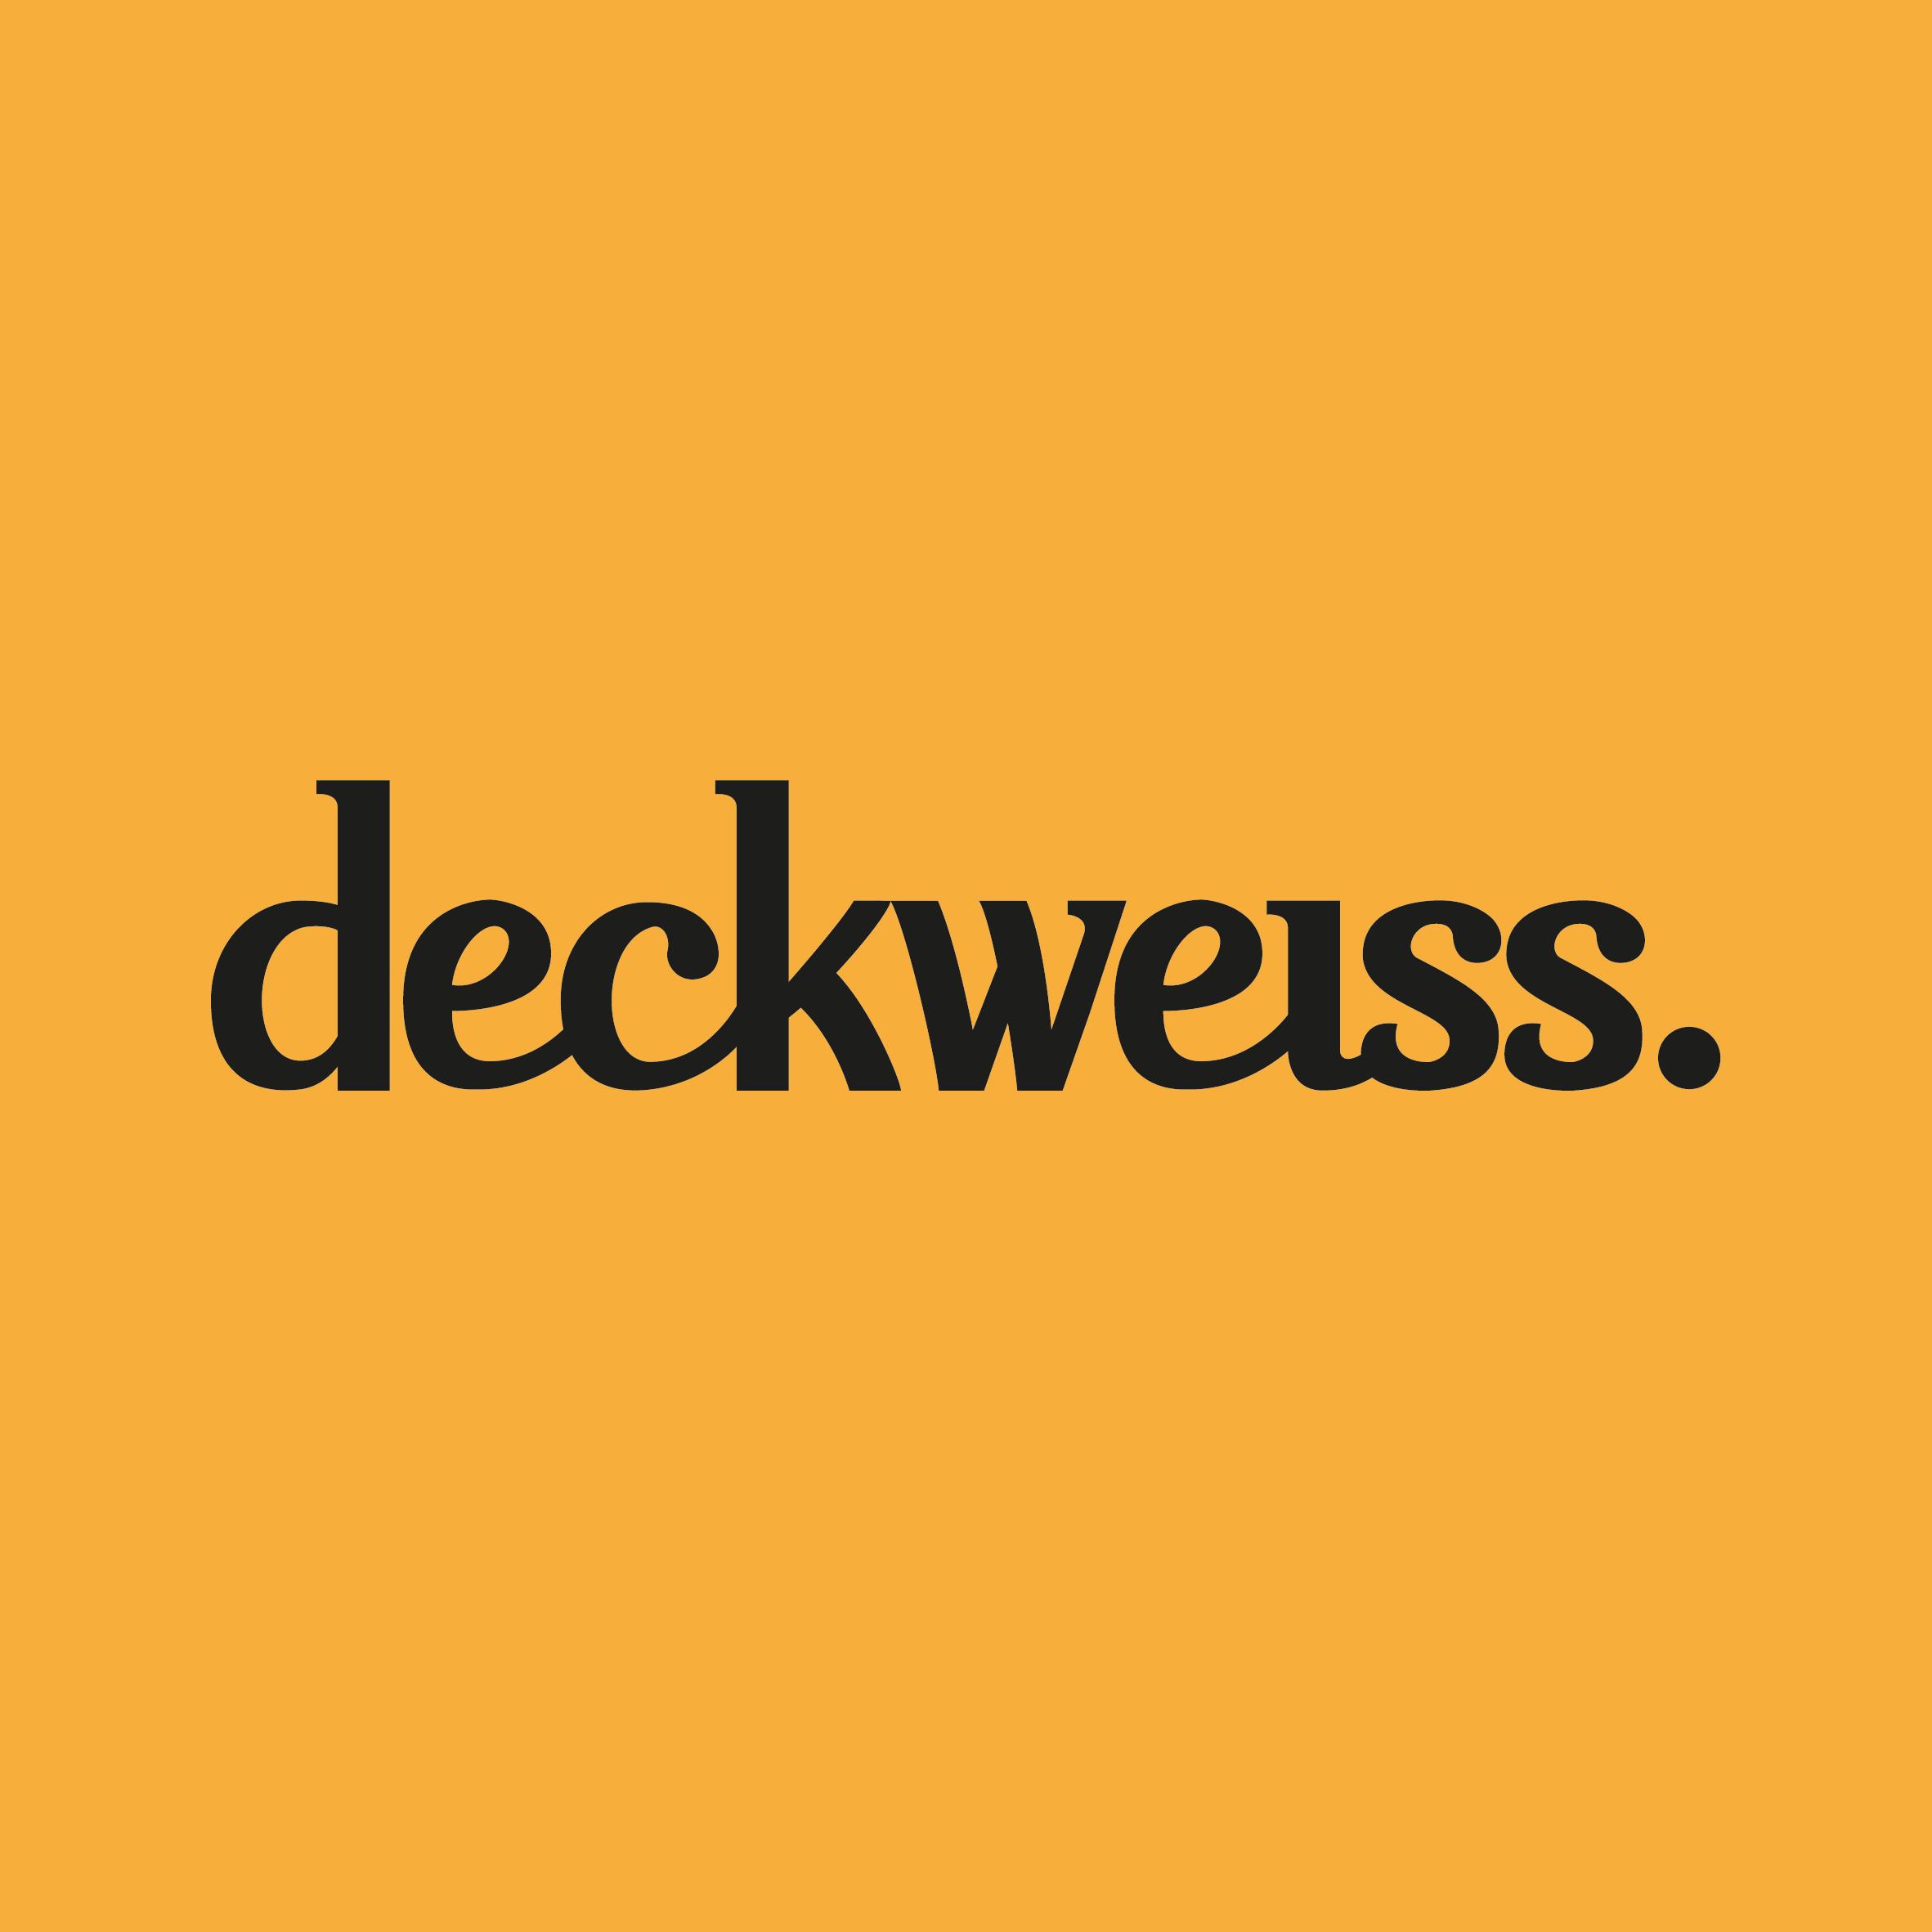 Deckweiss